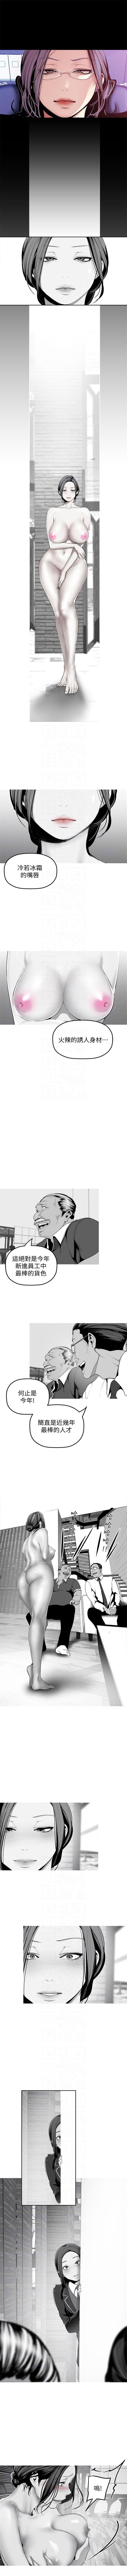 美麗新世界 1-85 官方中文(連載中) 337